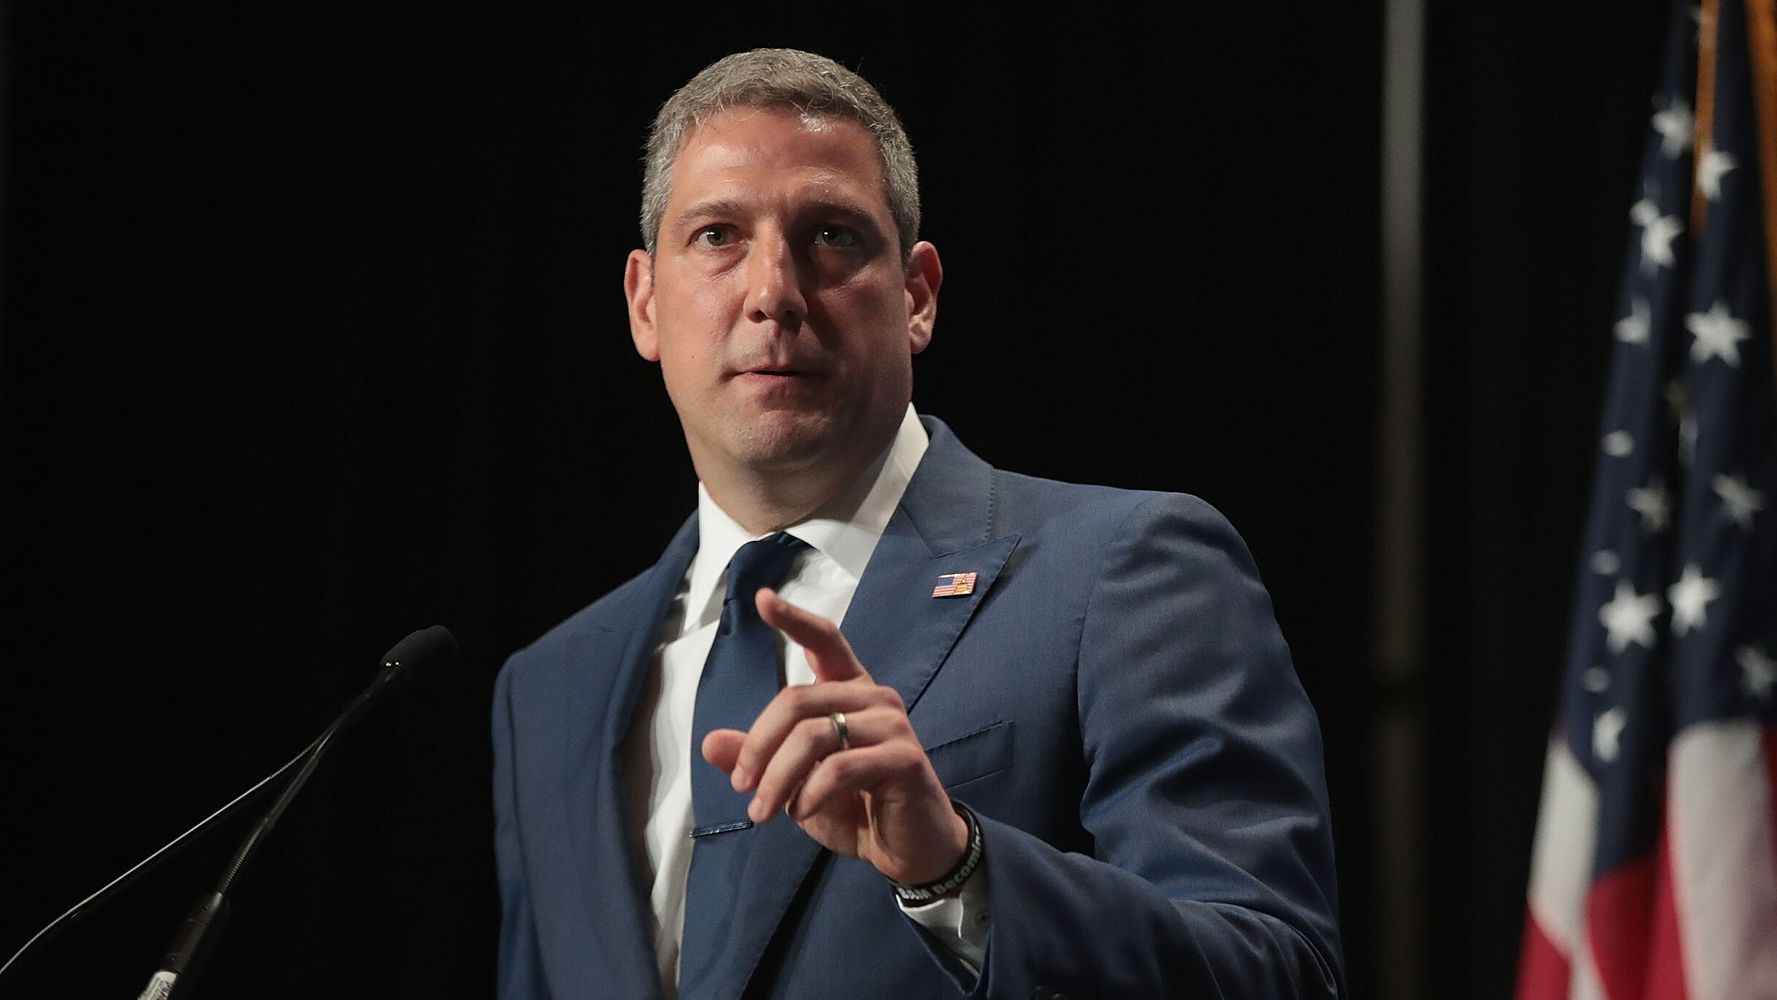 Westlake Legal Group 5d67e5a93c00004e0047bb91 Congressman Tim Ryan Drops Out Of 2020 Presidential Race